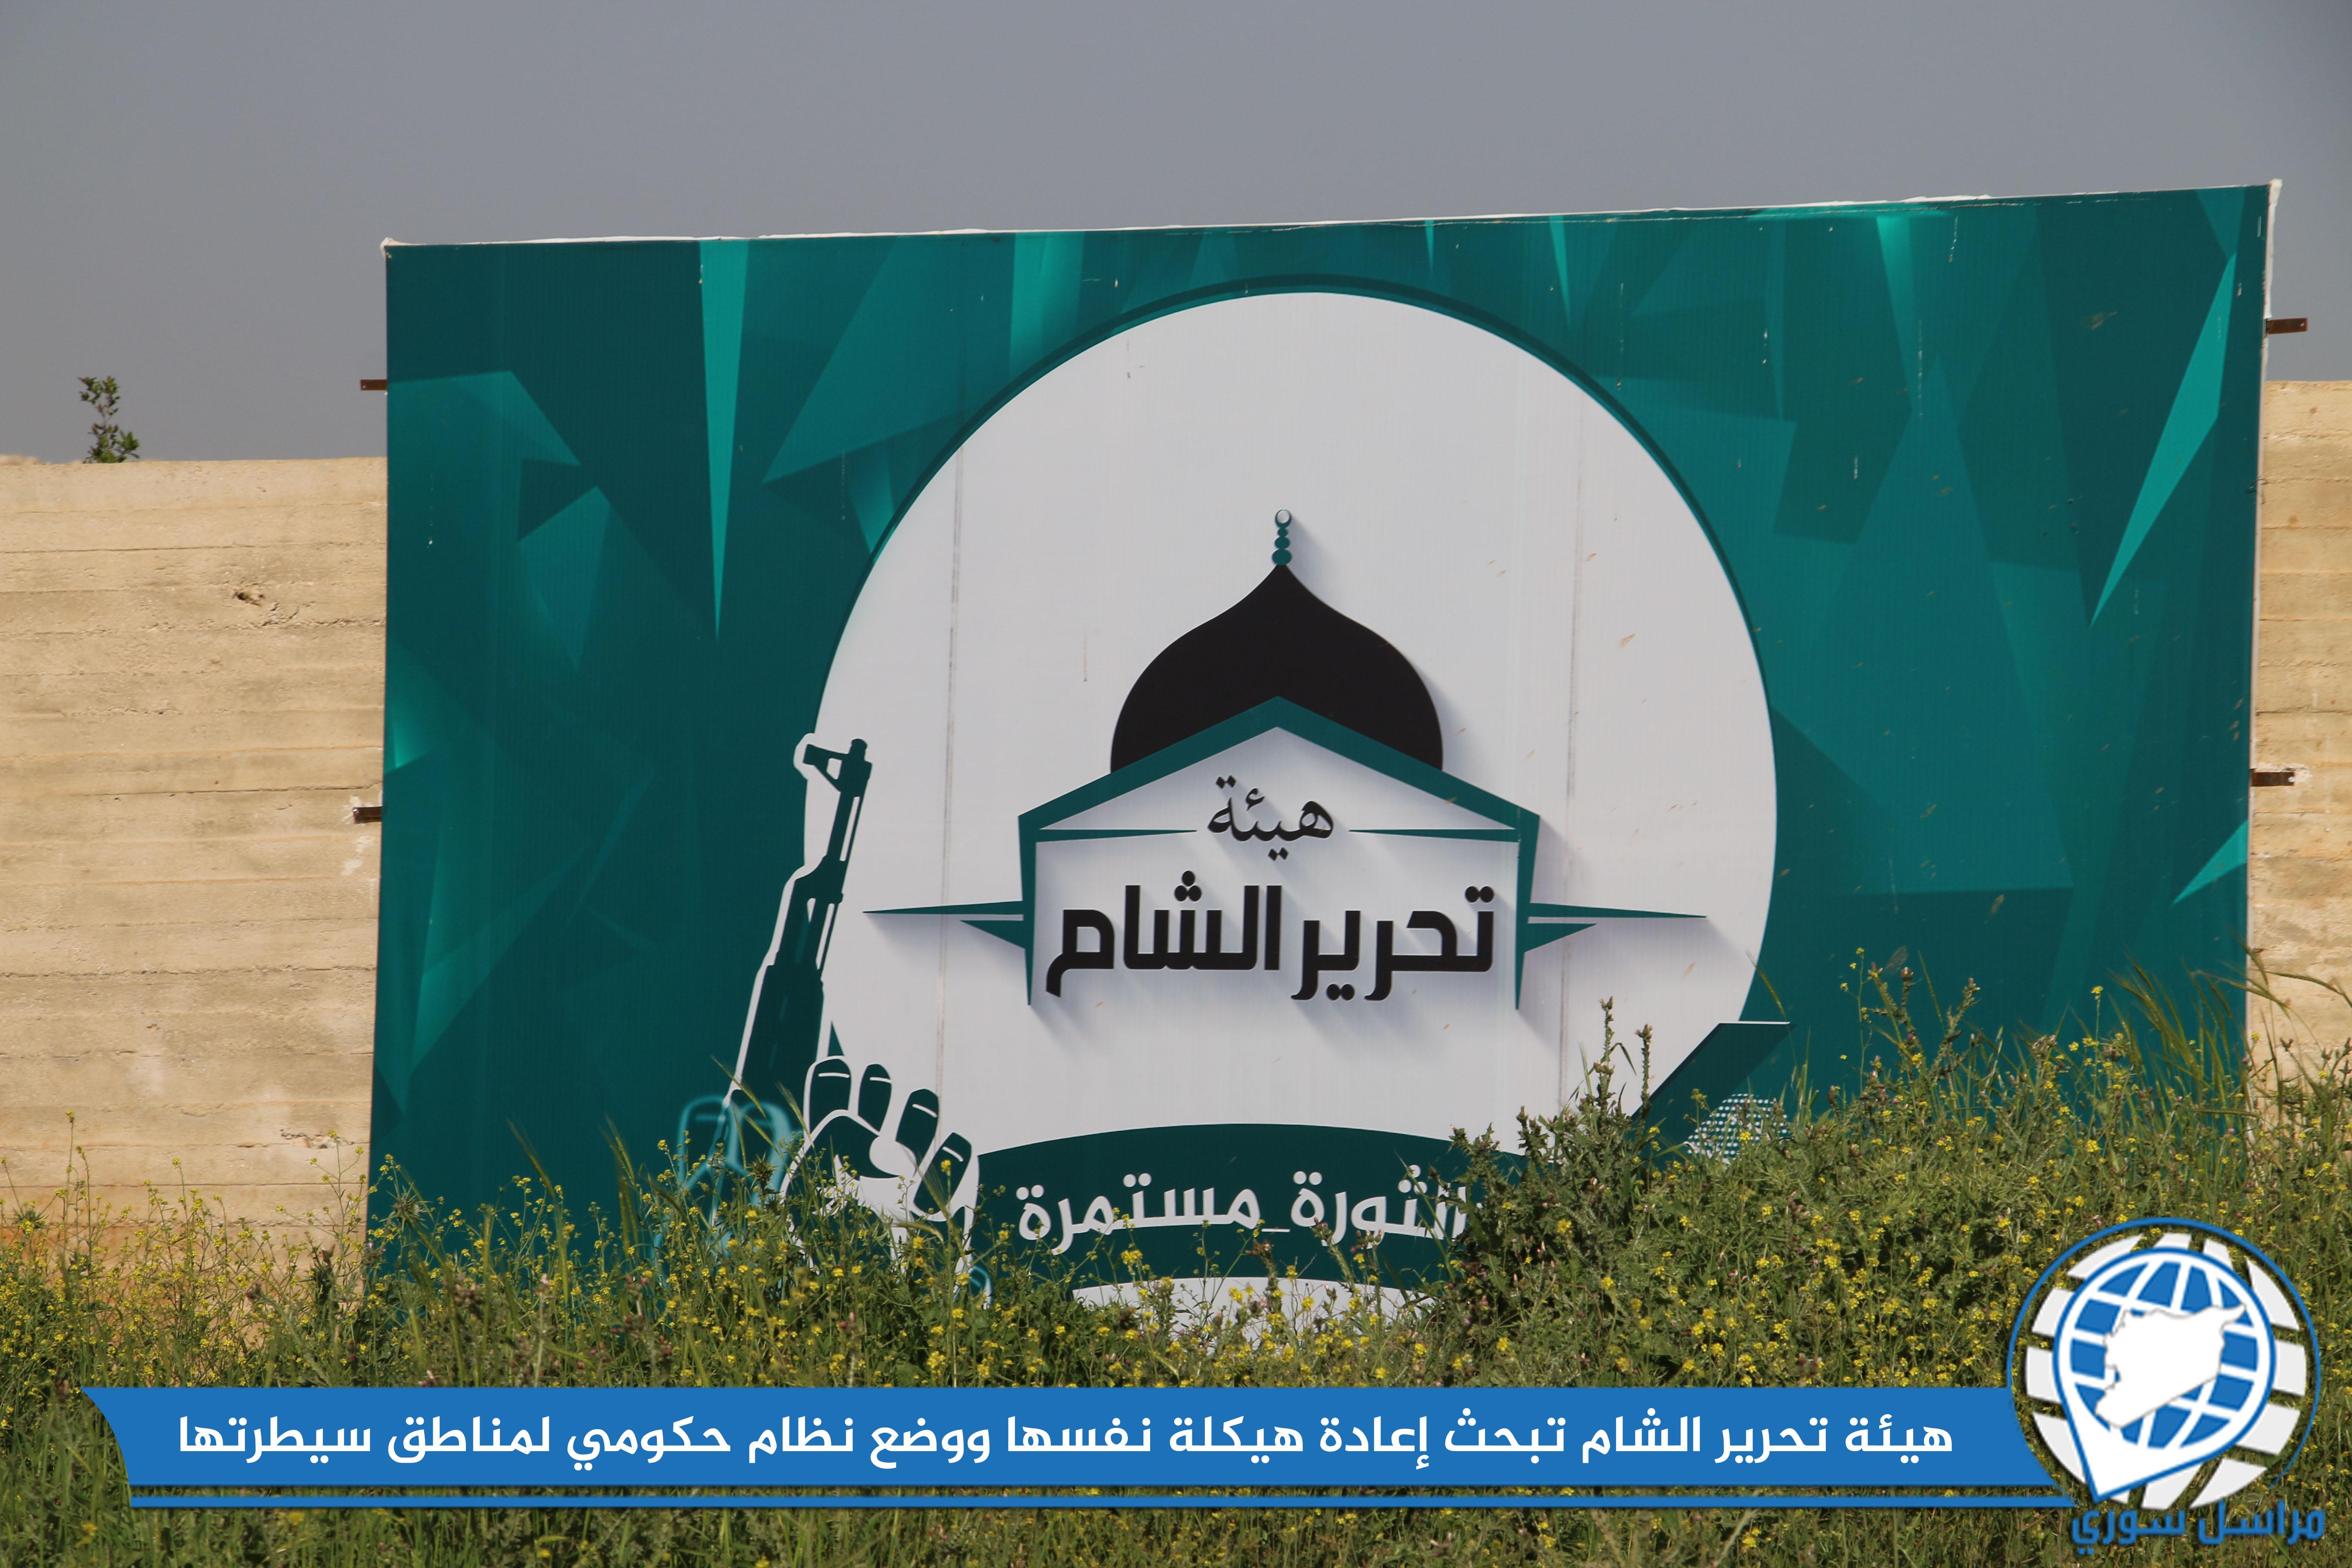 صورة إعادة هيكلة تحرير الشام ونظام حكومي